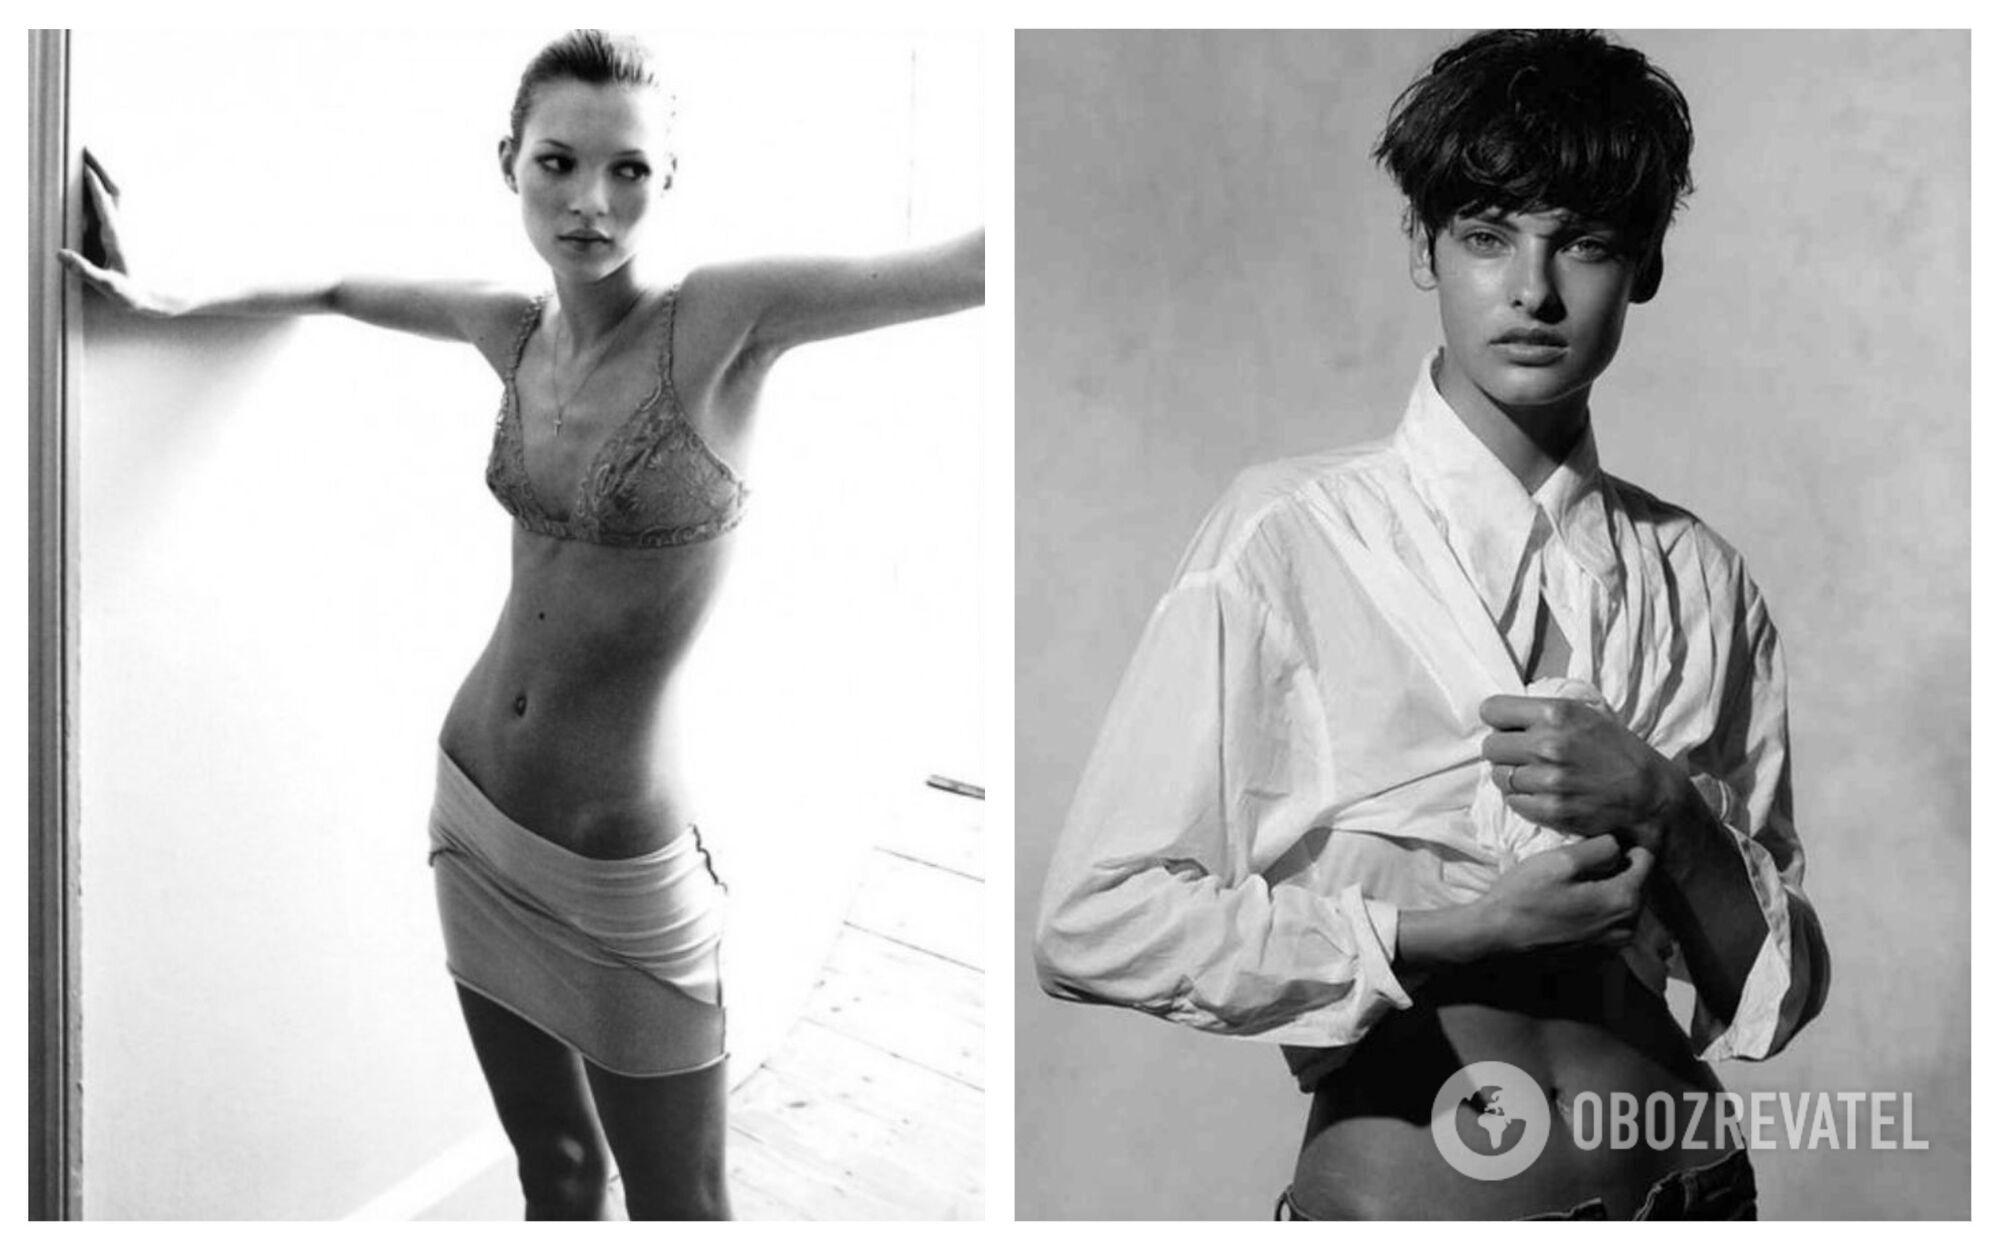 Наприкінці ХХ століття в моду знову увійшла худорлявість і талія 60 см